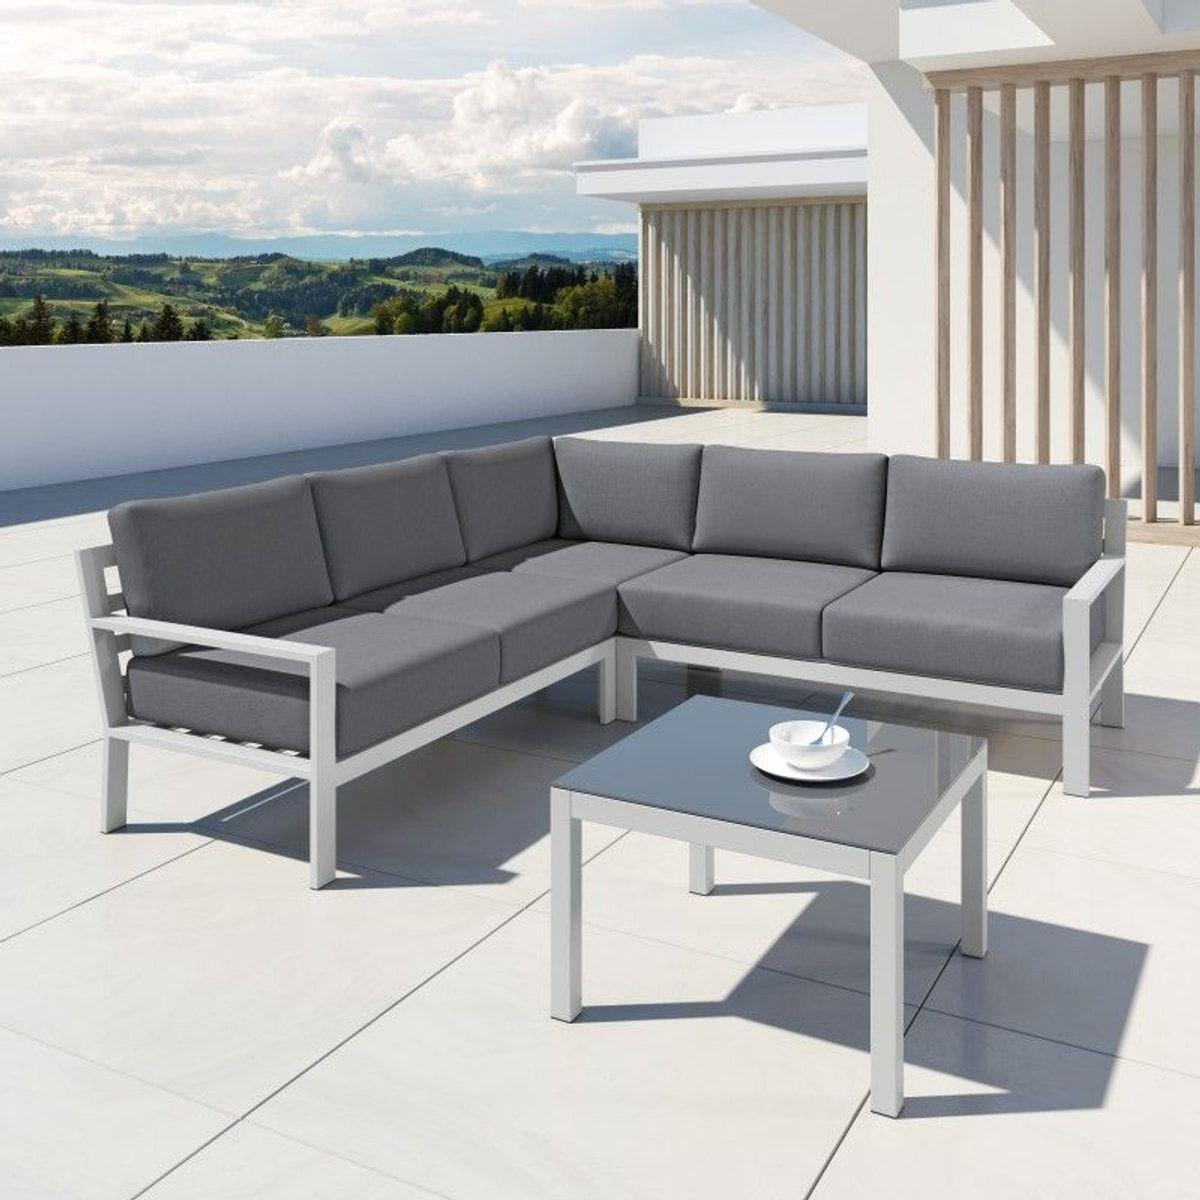 Salon De Jardin Aluminium Design, Mio | Salon De Jardin ... pour Salon De Jardin Aluminium Blanc